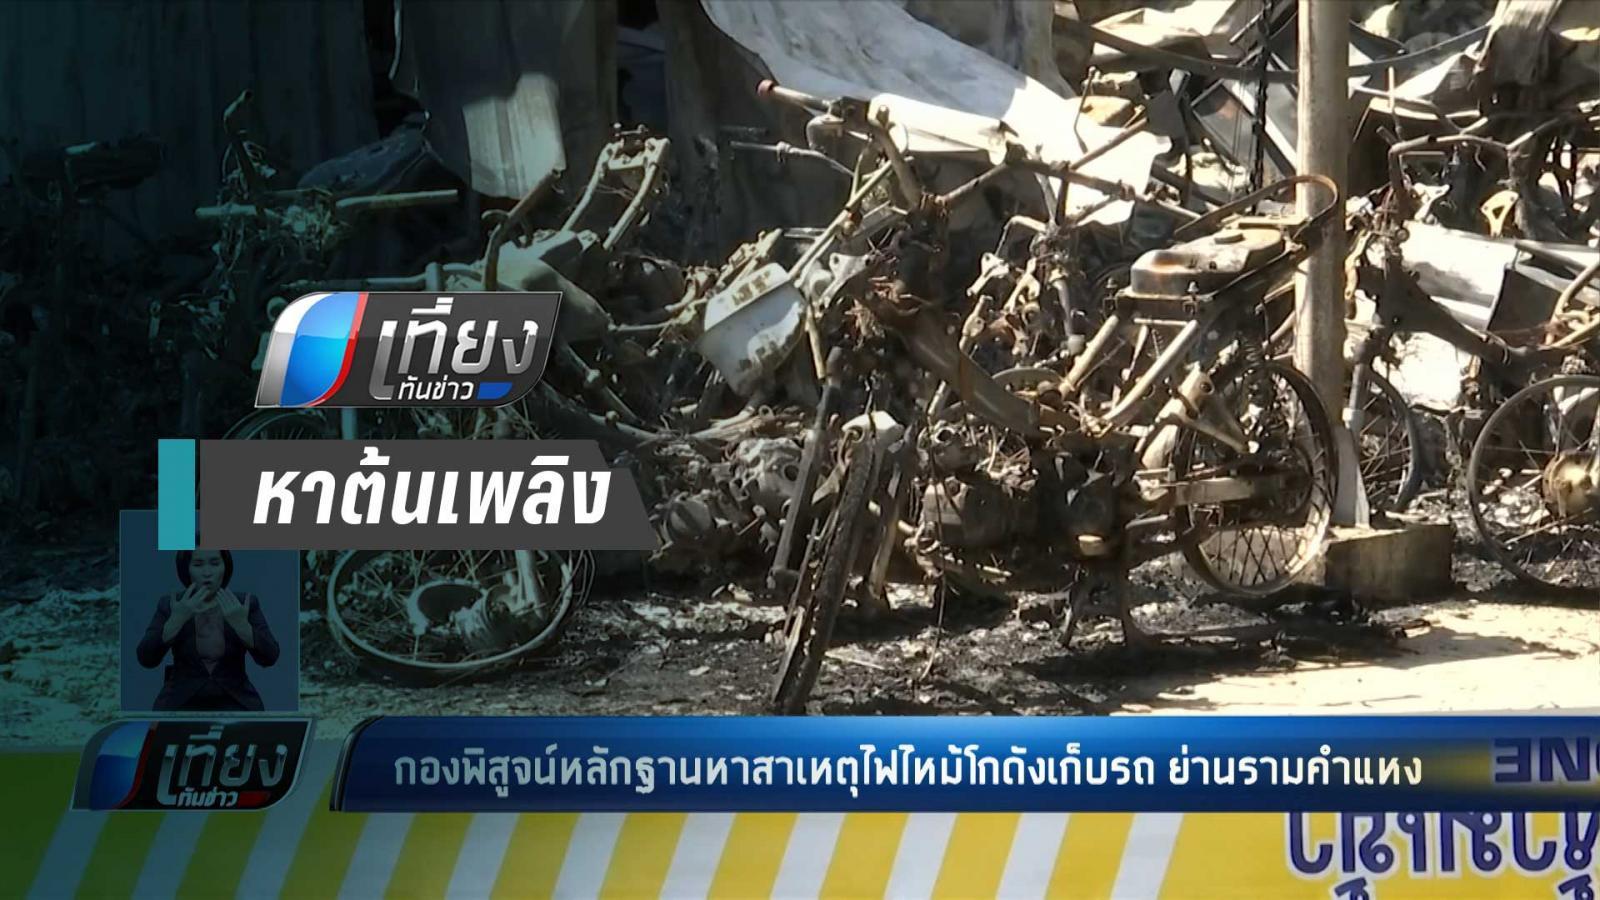 ตร.เร่งหาสาเหตุไฟไหม้โกดังเก็บรถ จยย.รอประมูล เสียหายกว่า 200 คัน